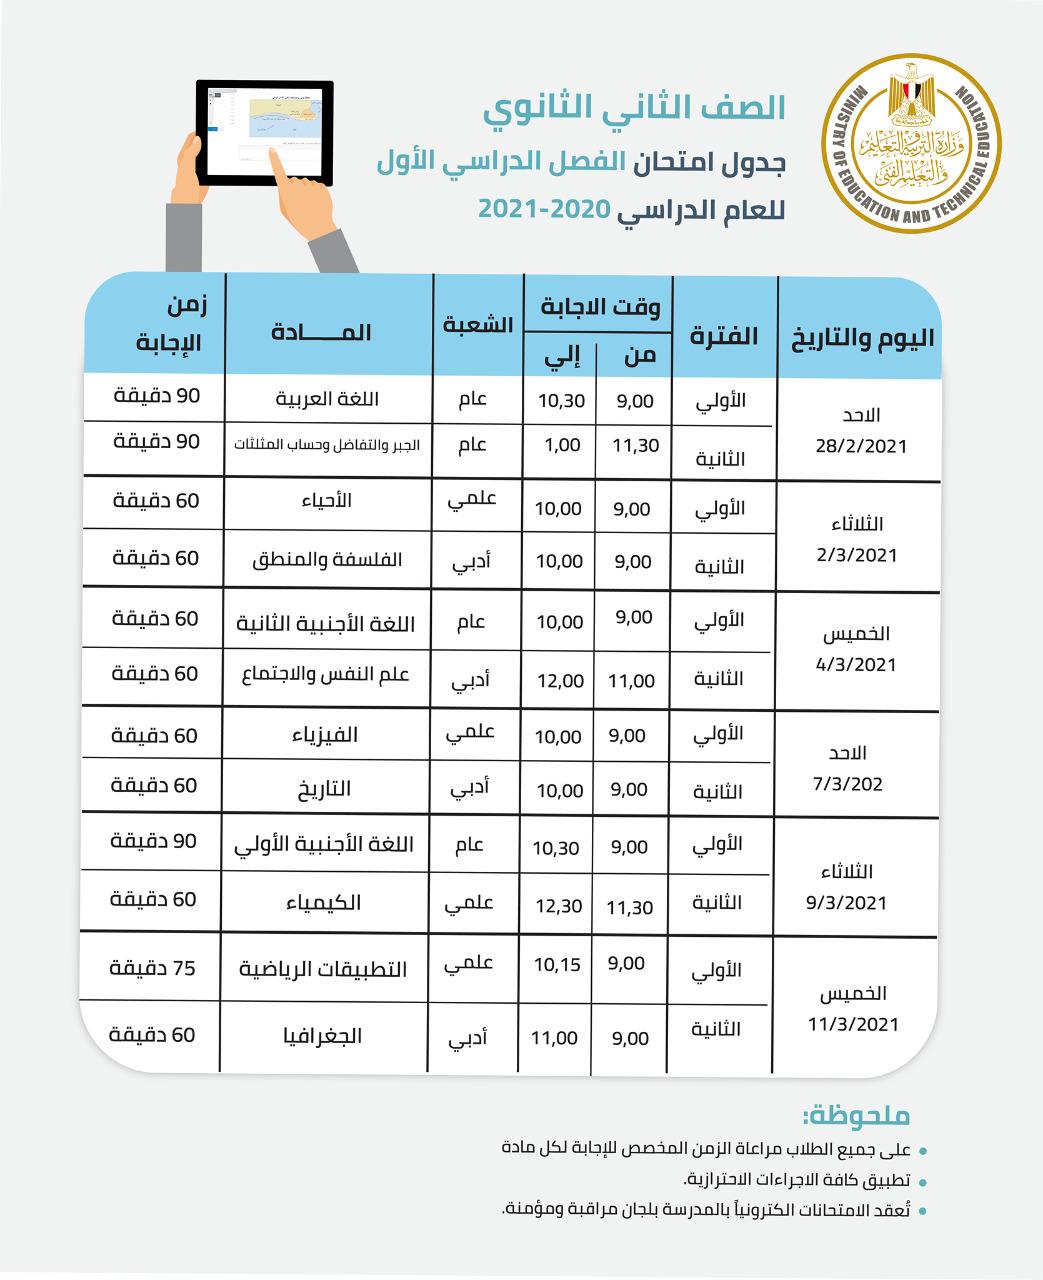 جدول امتحانات الصف الثانى الثانوى الفصل الدراسي الاول 2021